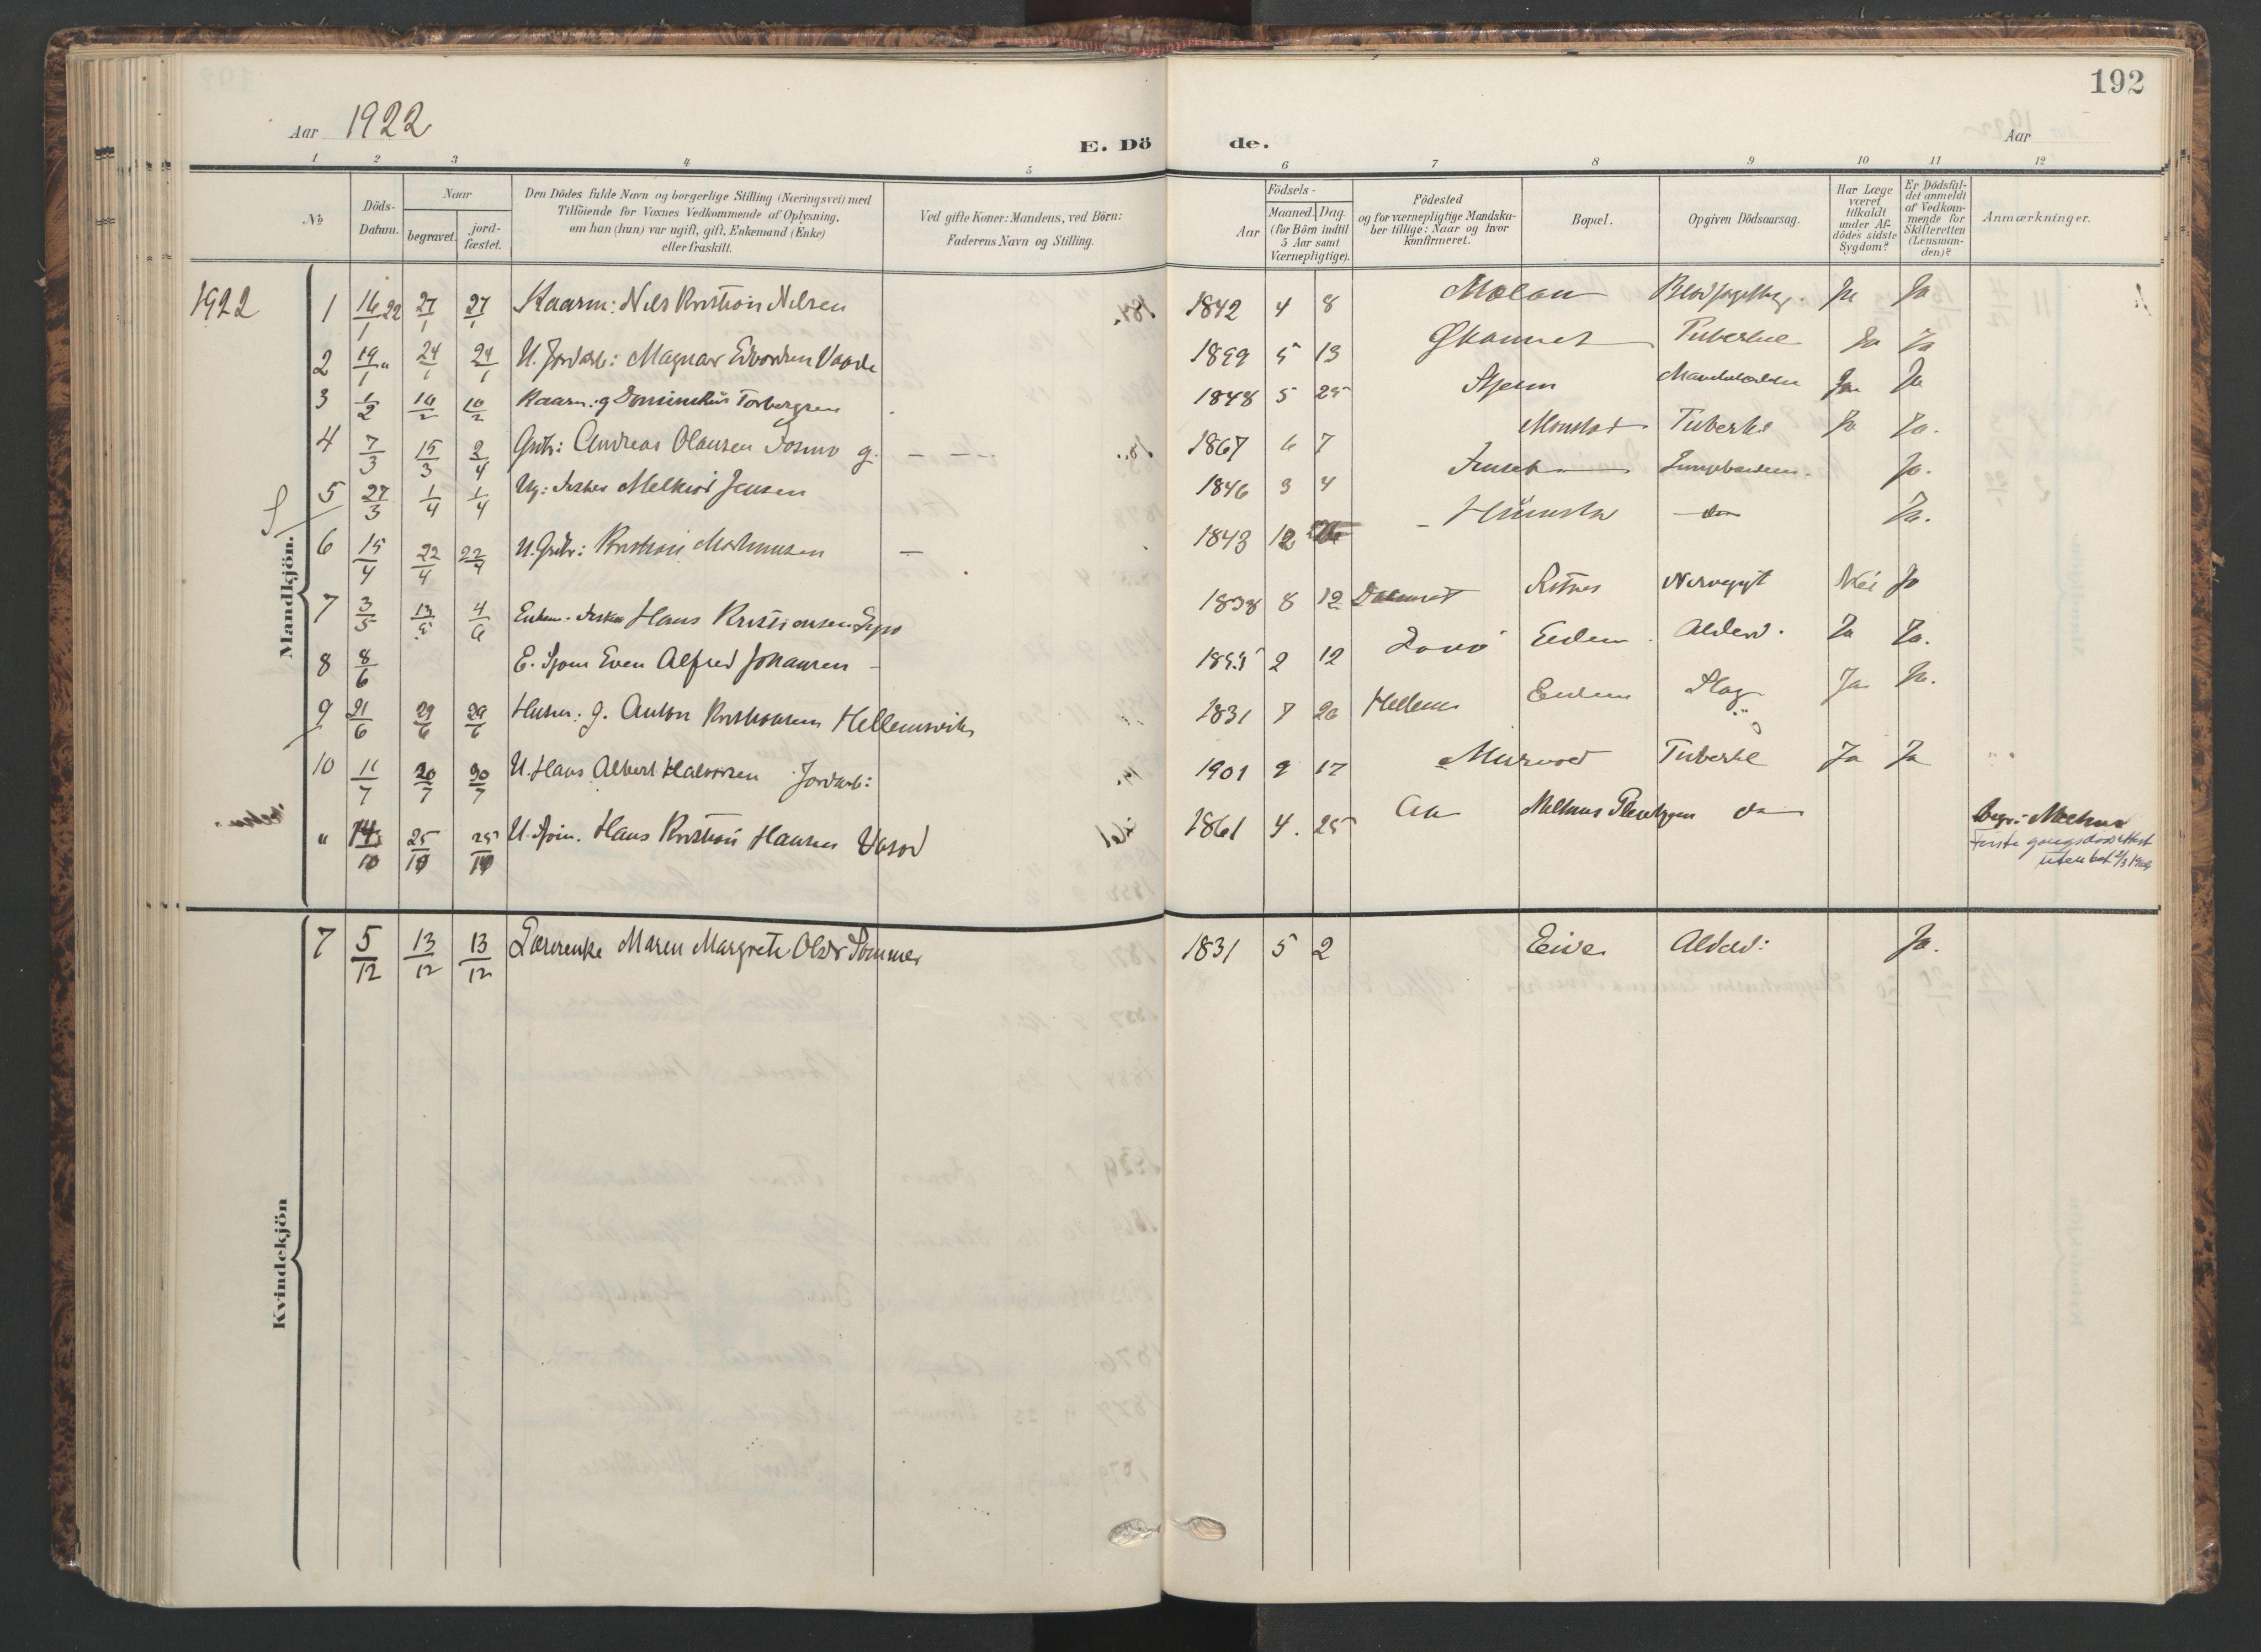 SAT, Ministerialprotokoller, klokkerbøker og fødselsregistre - Sør-Trøndelag, 655/L0682: Ministerialbok nr. 655A11, 1908-1922, s. 192